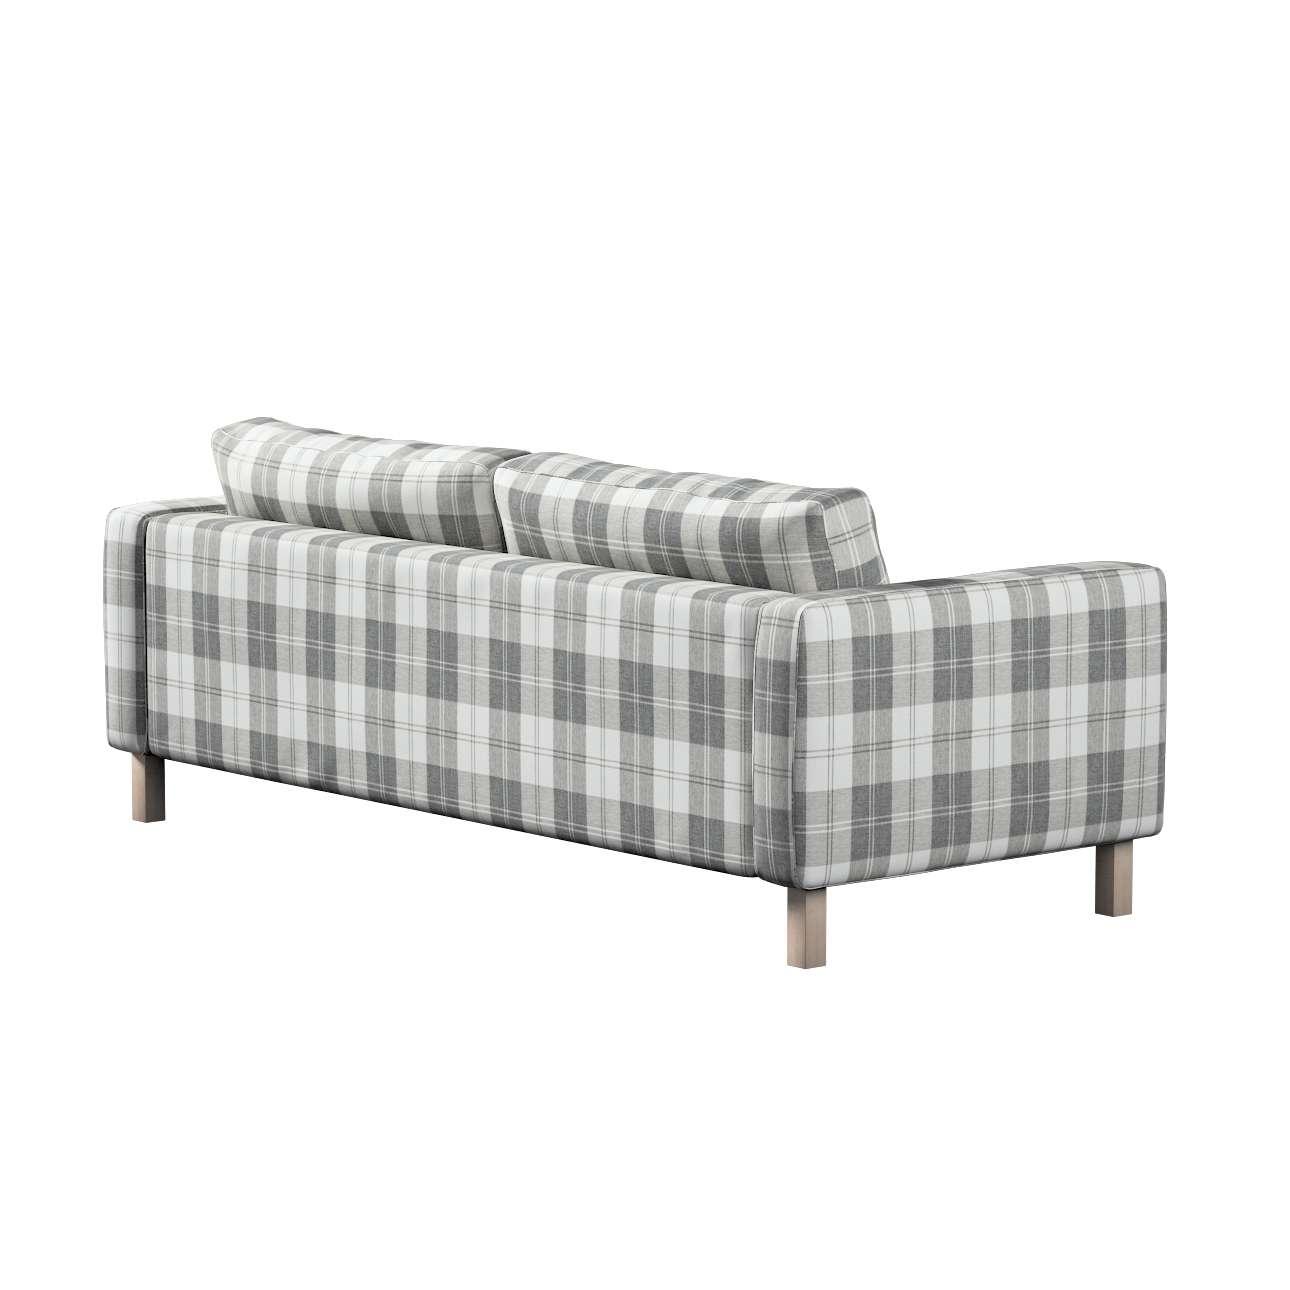 Potah na pohovku IKEA  Karlstad 3-místná, nerozkládací, krátký v kolekci Edinburgh, látka: 115-79